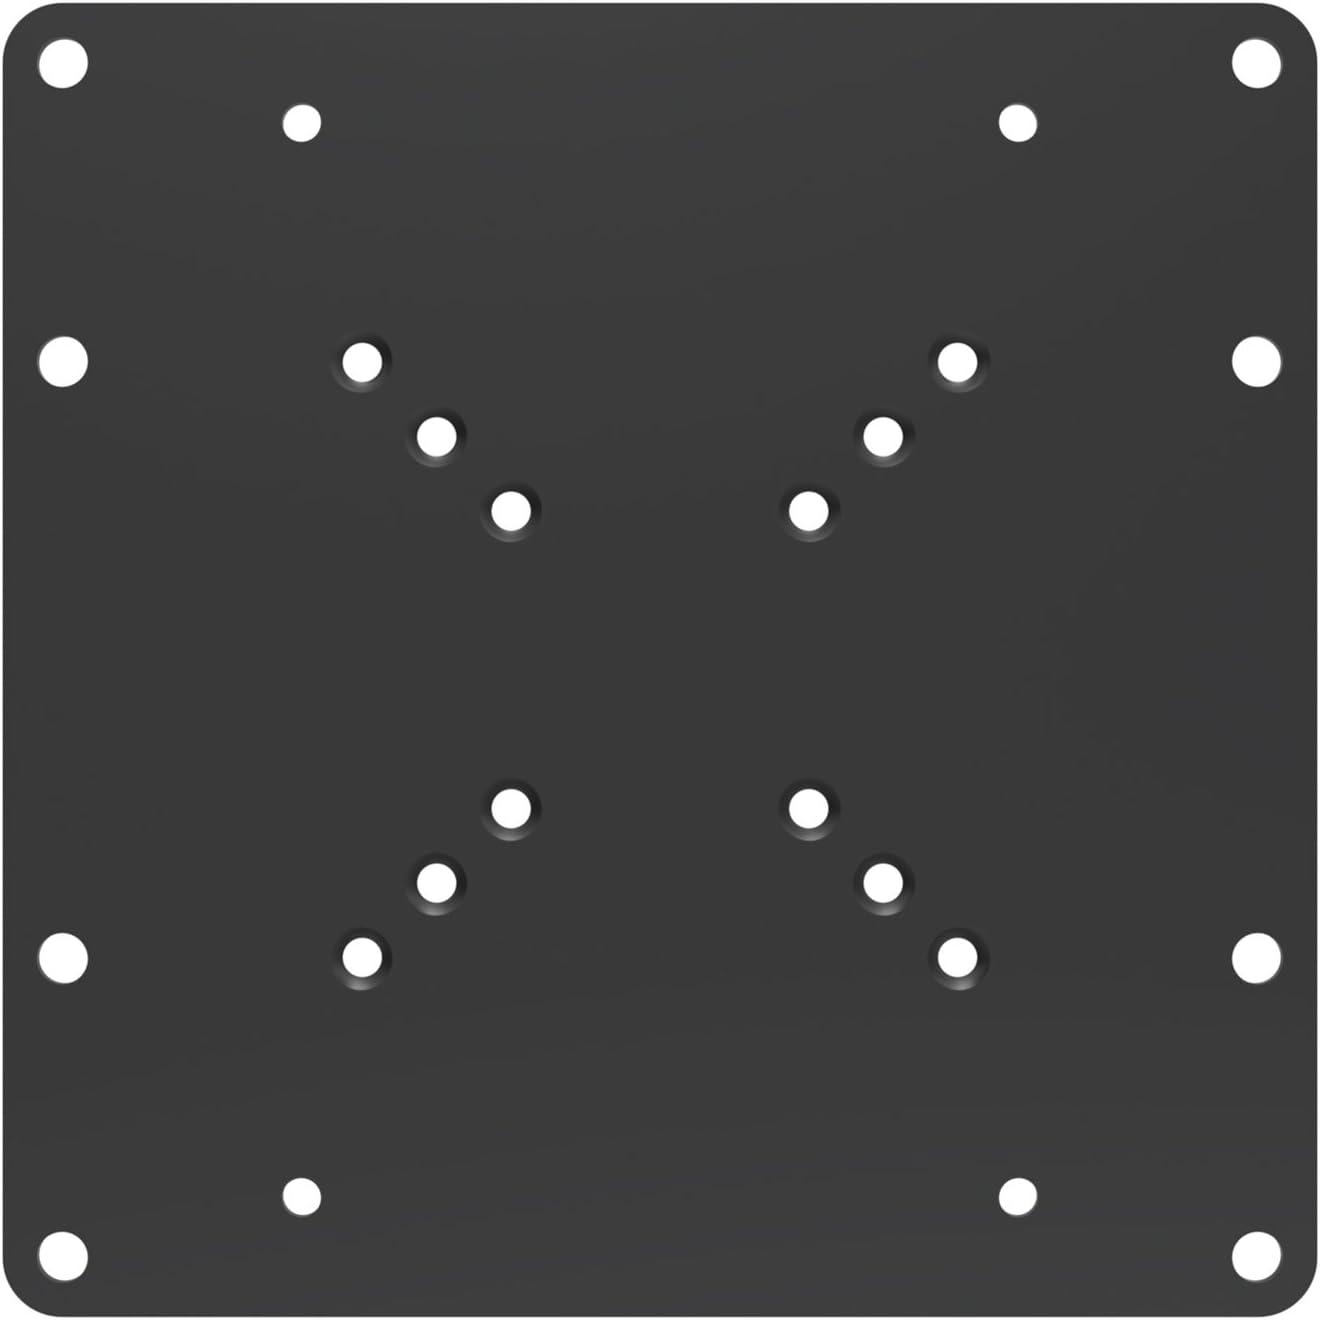 TALLA 50x50 a 200x200. PureMounts PM-ADAPT-A Adaptador universal VESA 50x50 a 200x200 negro